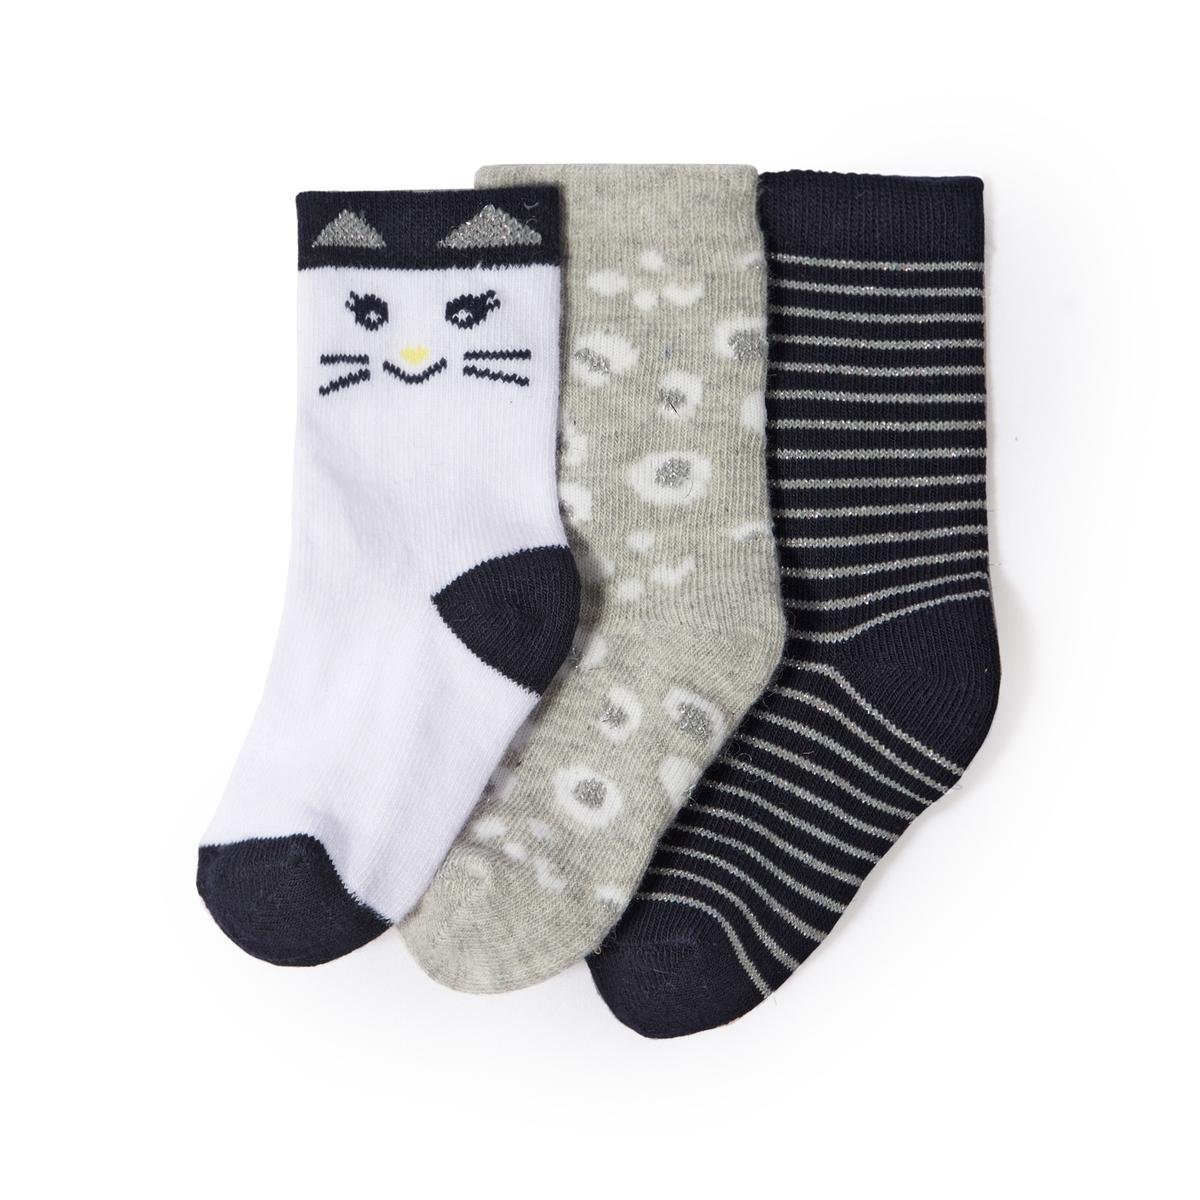 3 пары носков с рисунком кошка 1 мес - 3 лет3 пары носков : 1 пара с рисунком кошка + 1 в серебристую полоску + 1 пара с леопардовым принтом .Состав и описание :   Материал         65% хлопка, 18% полиамида, 13% эластана, 2% полиэстера, 2% металлизированных волокон   Уход : Машинная стирка при 30 °C с вещами схожих цветов. Стирать, предварительно вывернув наизнанку. Машинная сушка запрещена. Не гладить.<br><br>Цвет: темно-синий + серый + экрю<br>Размер: 15/18.23/26.19/22